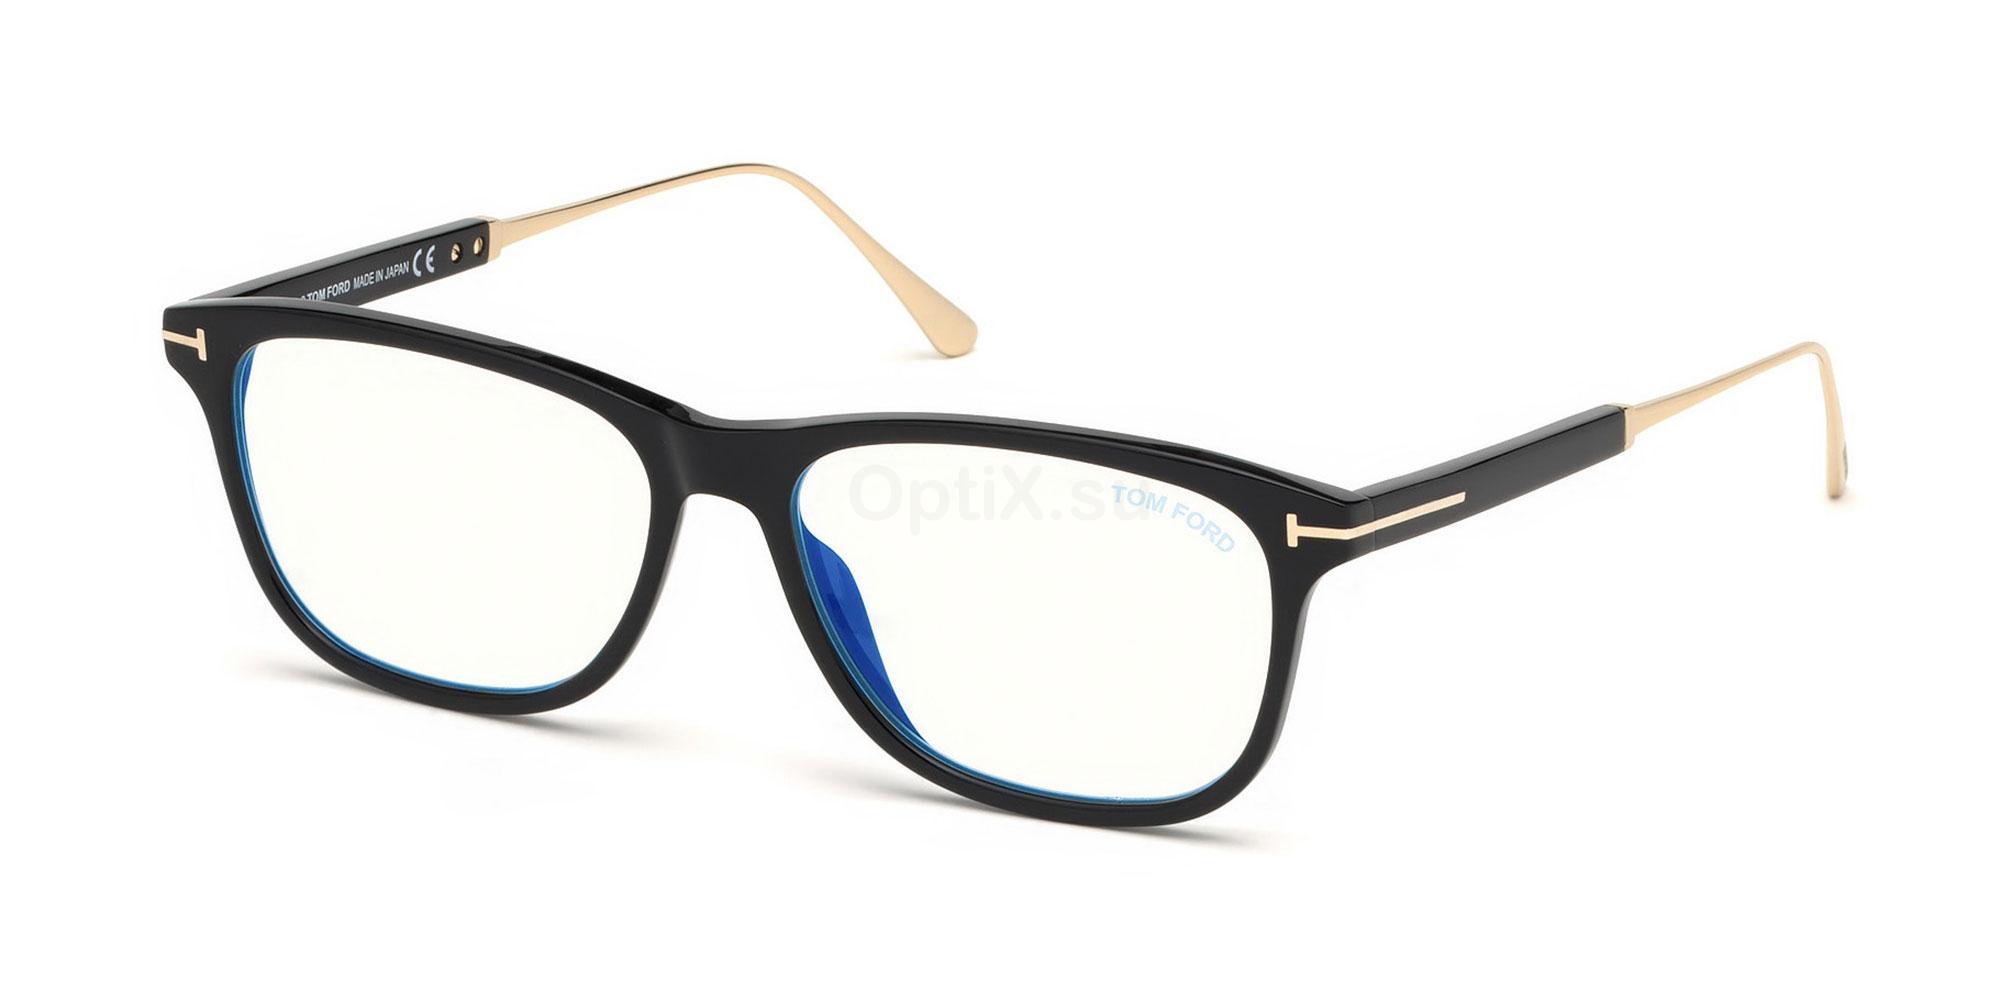 001 FT5589-B Glasses, Tom Ford